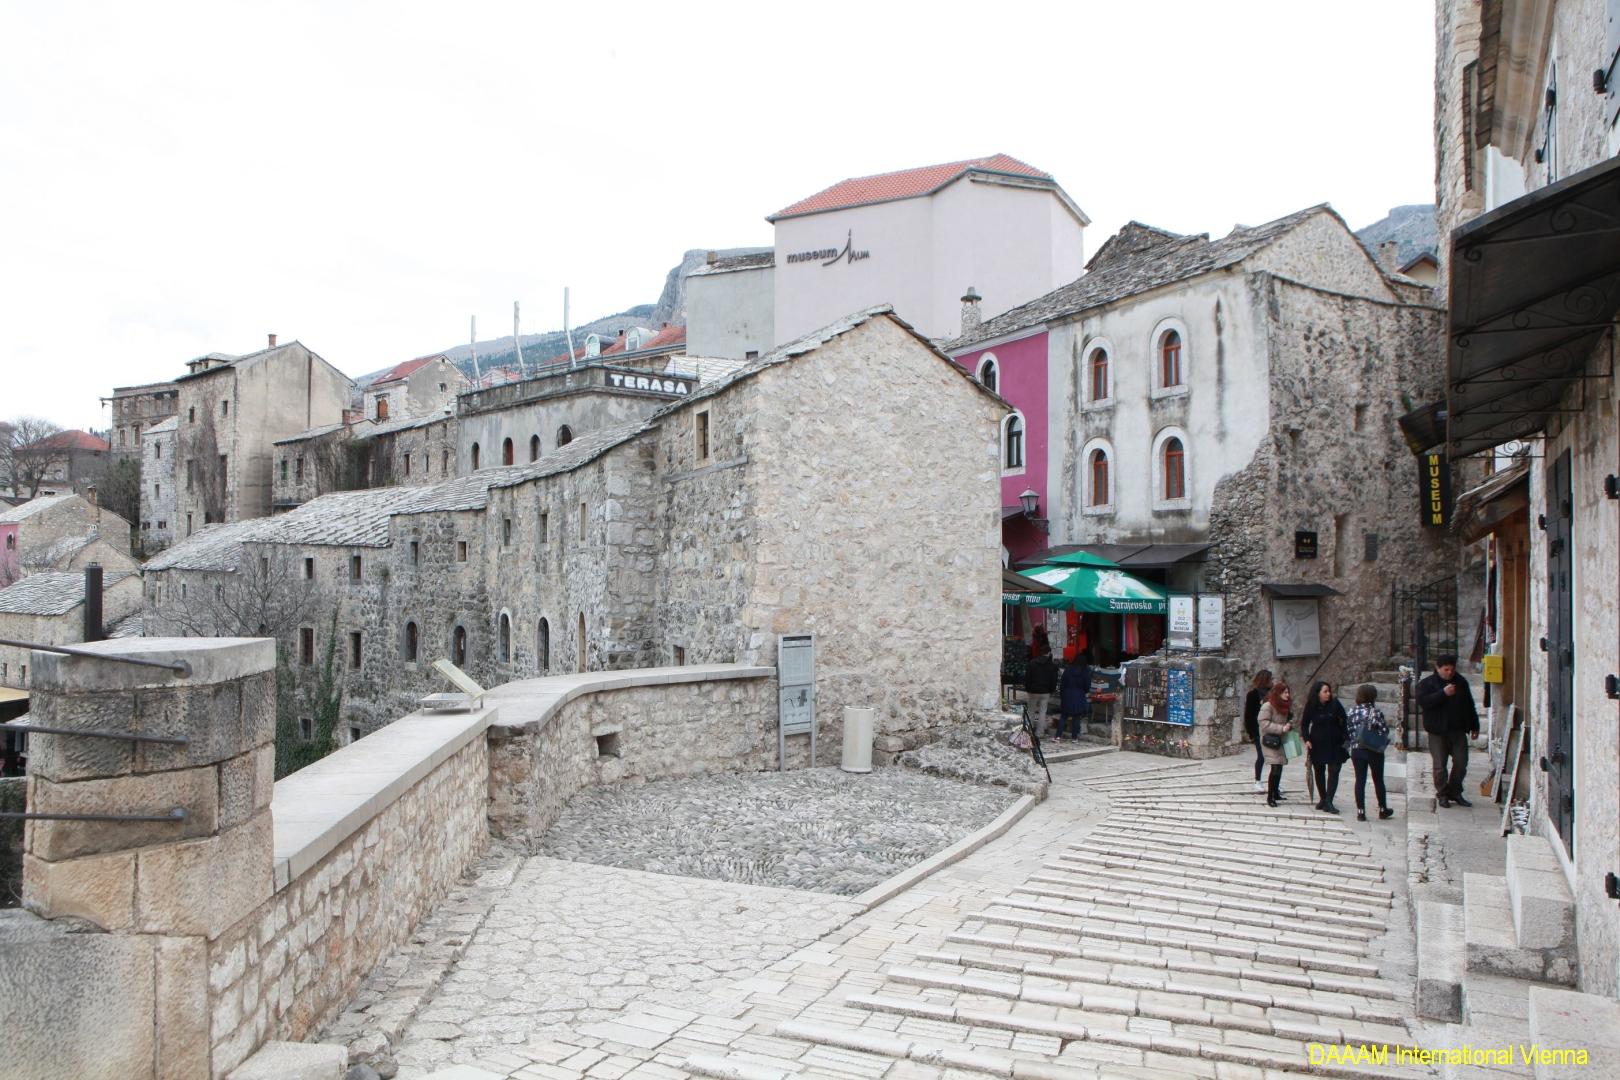 DAAAM_2016_Mostar_01_Magic_City_of_Mostar_071